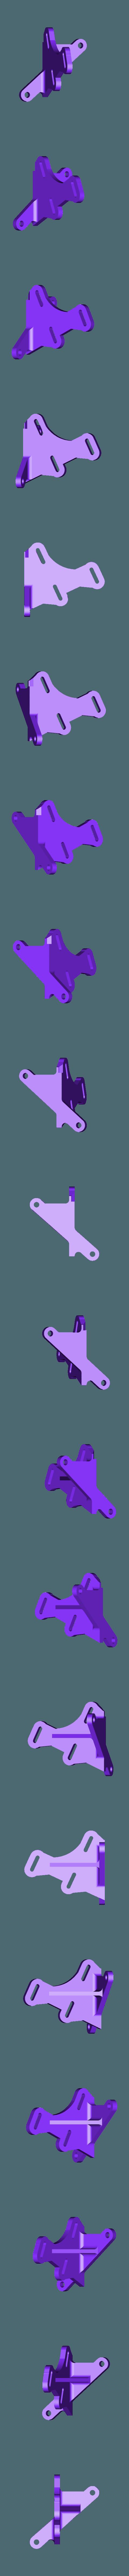 Carriage_Titan_Direct_modular_-__Fan_holder.stl Download free STL file ANET A8 E3DV6 Titan Direct Drive X Carriage • 3D printer object, Richard90